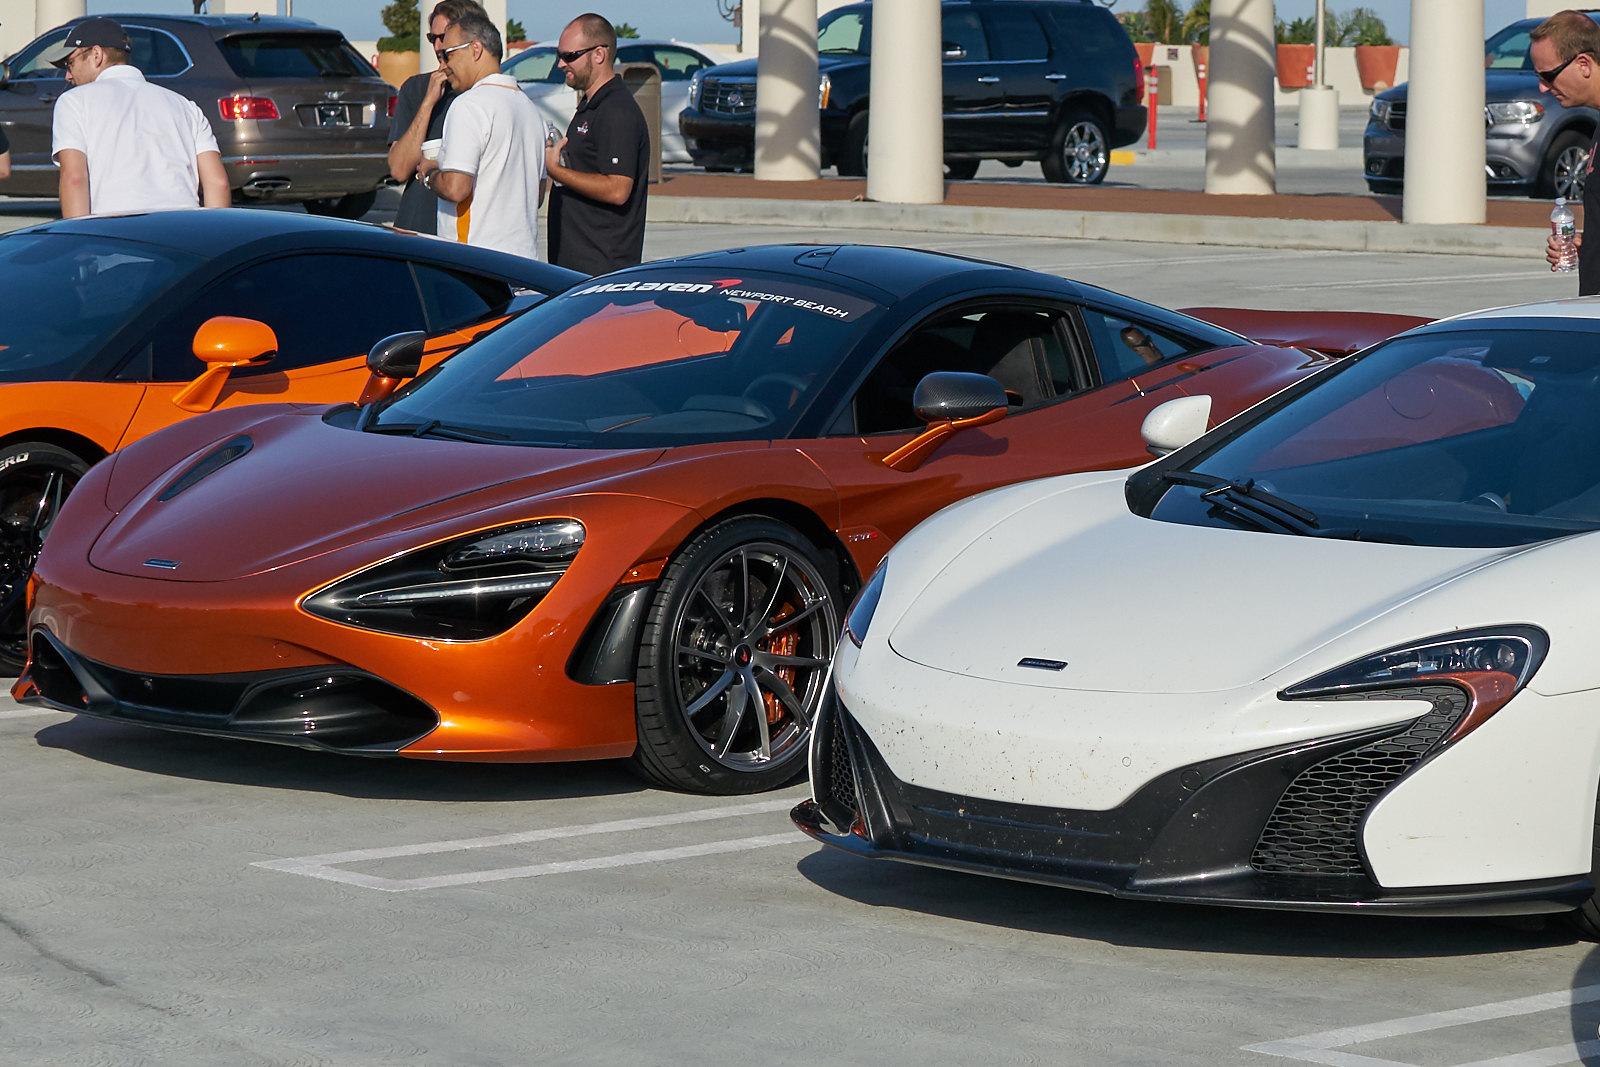 Mclaren P1 Orange >> Outdoor 720S Pictures with Context - McLaren Life